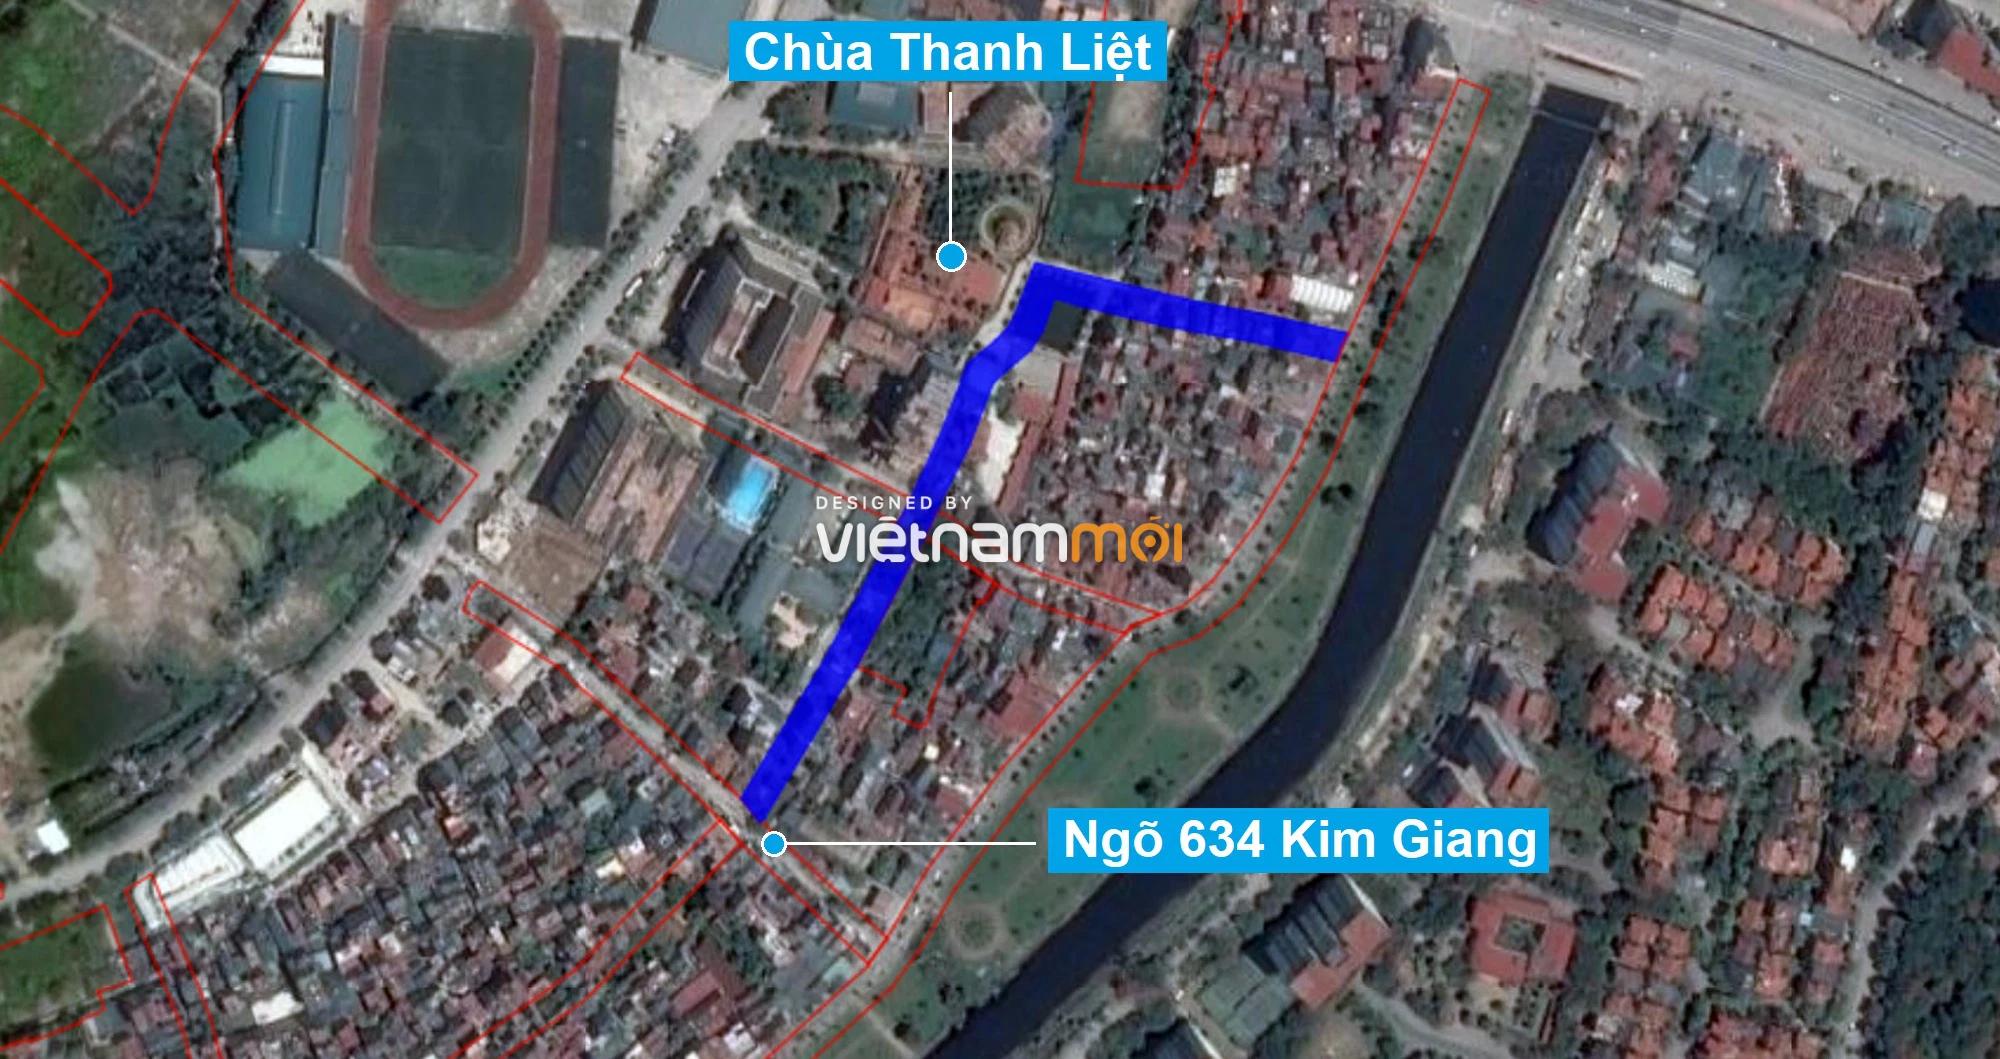 Những khu đất sắp thu hồi để mở đường ở xã Thanh Liệt, Thanh Trì, Hà Nội (phần 4) - Ảnh 7.